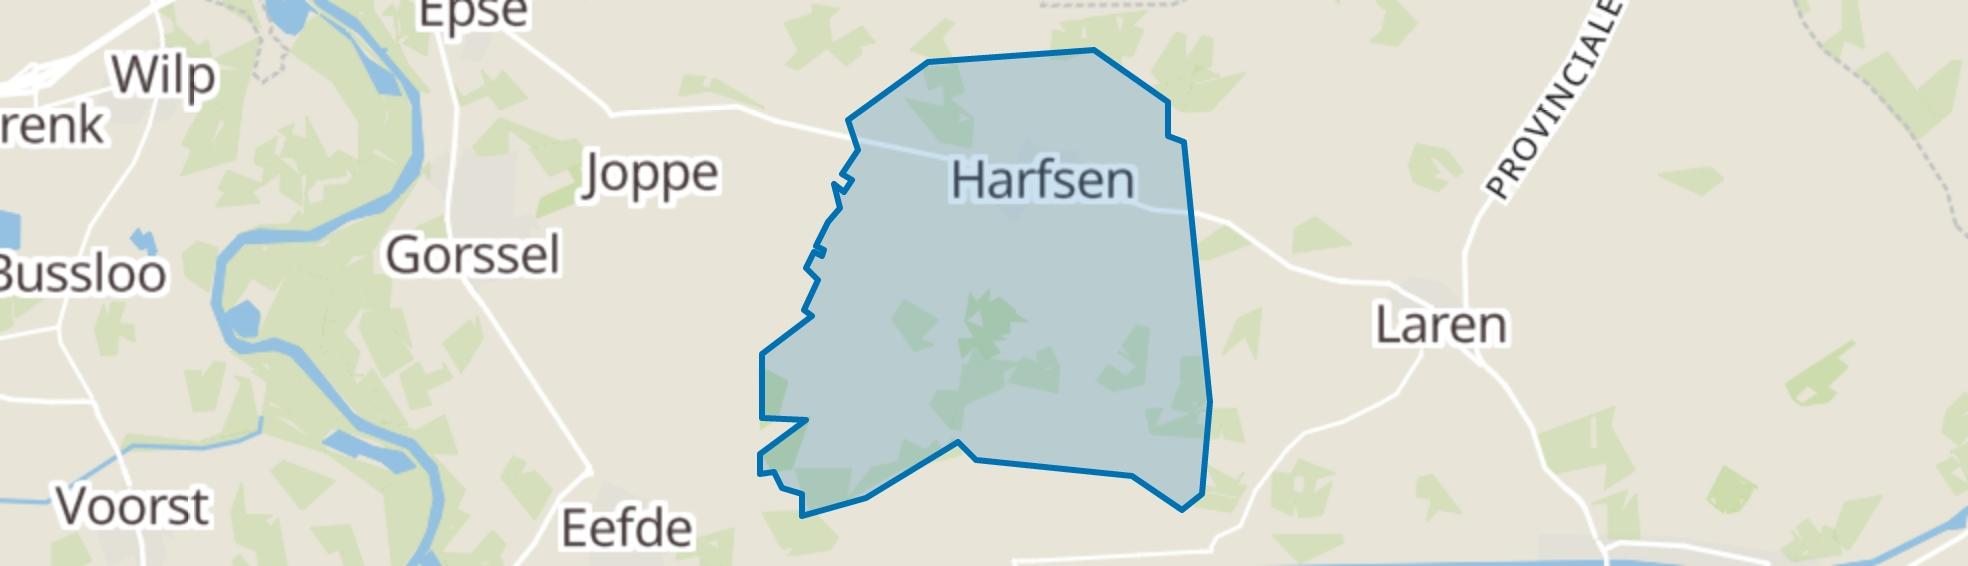 Harfsen map